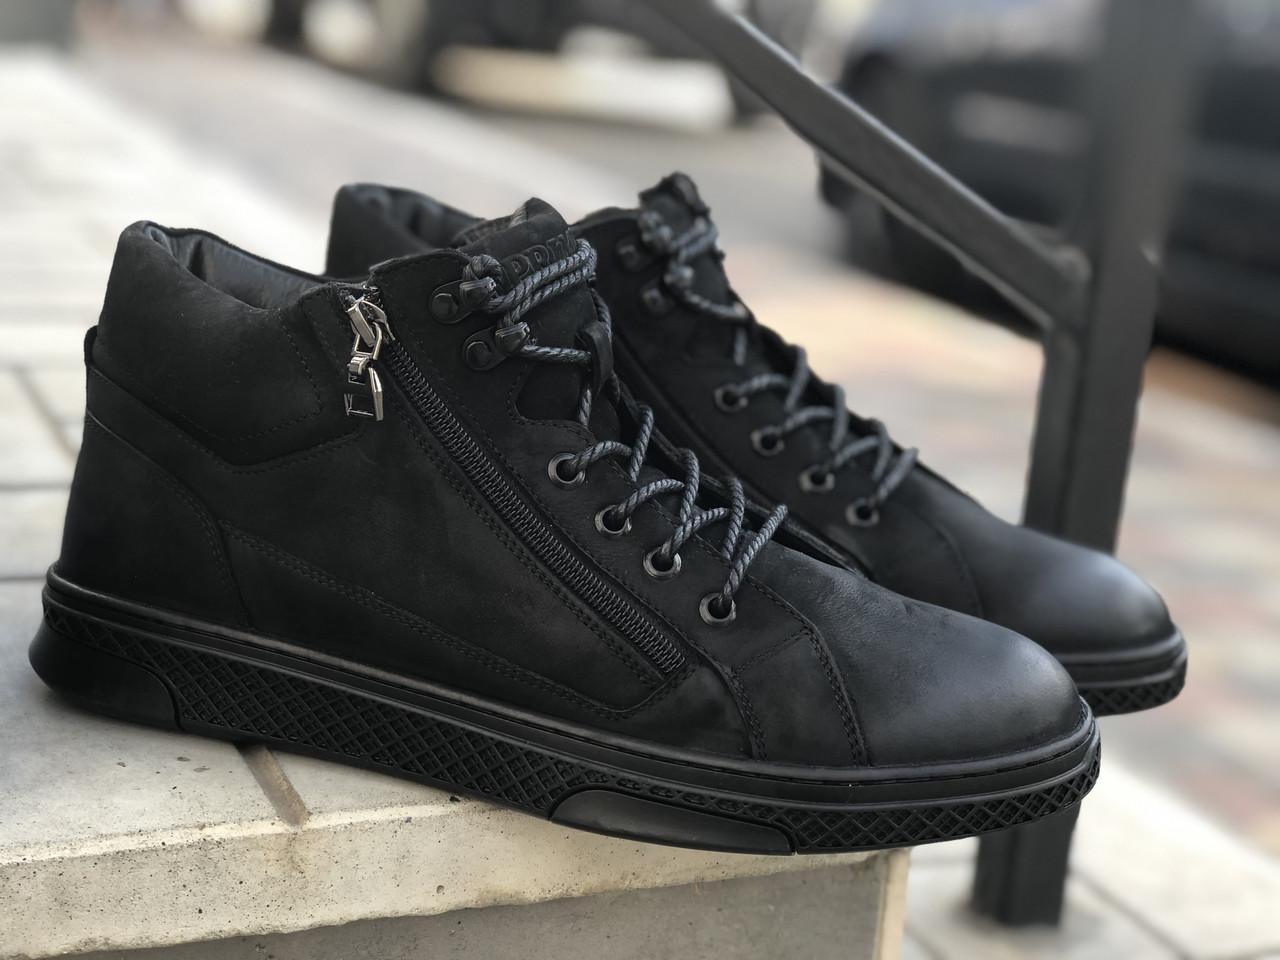 Зимние ботинки мужские Кожаные Prime 70162 ч/н размеры 40,41,42,43,44,45